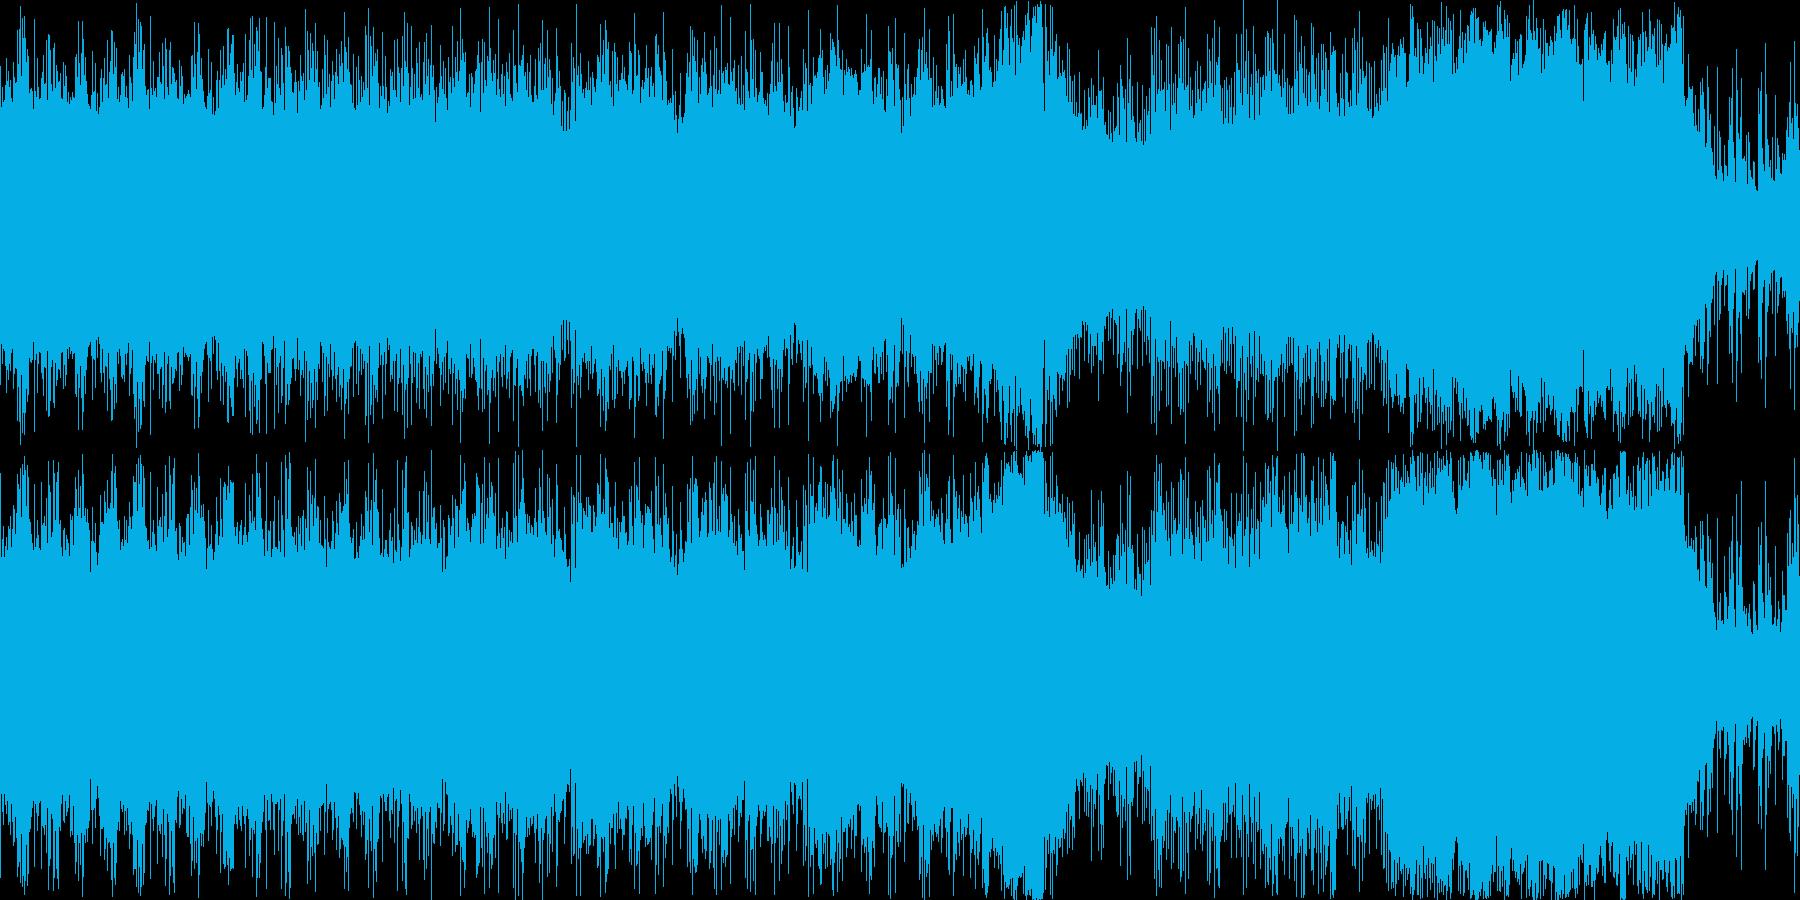 コーラスを使った民族系のBGM(ループ)の再生済みの波形